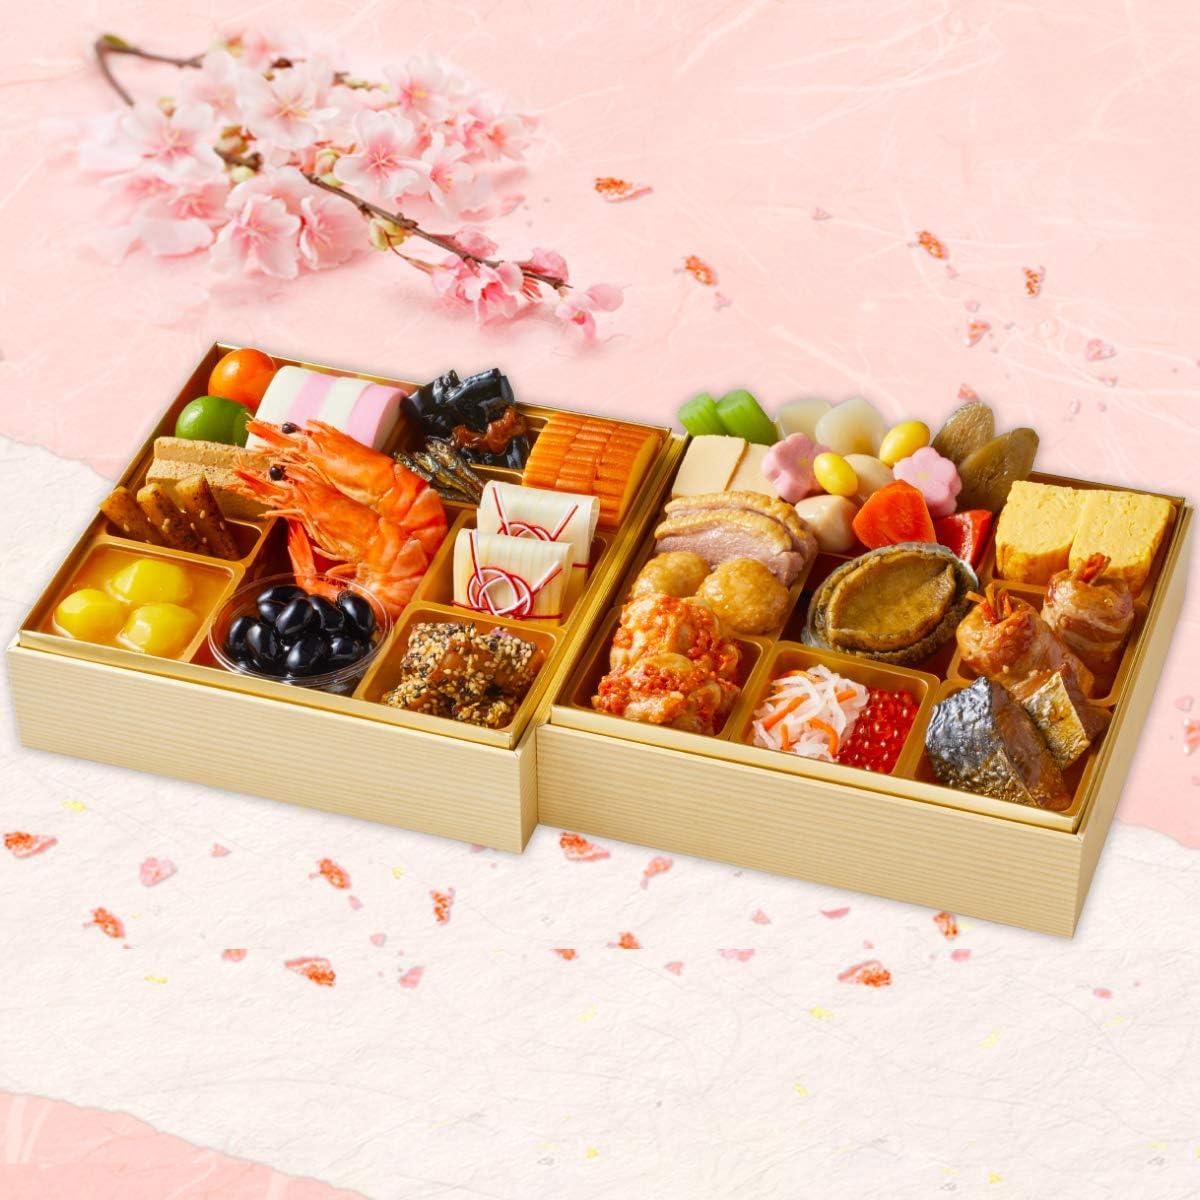 紀文 生詰めおせち 二段重「桜春」 3-4人前 28品【12月30日お届け】早割 予約 冷蔵 生詰め